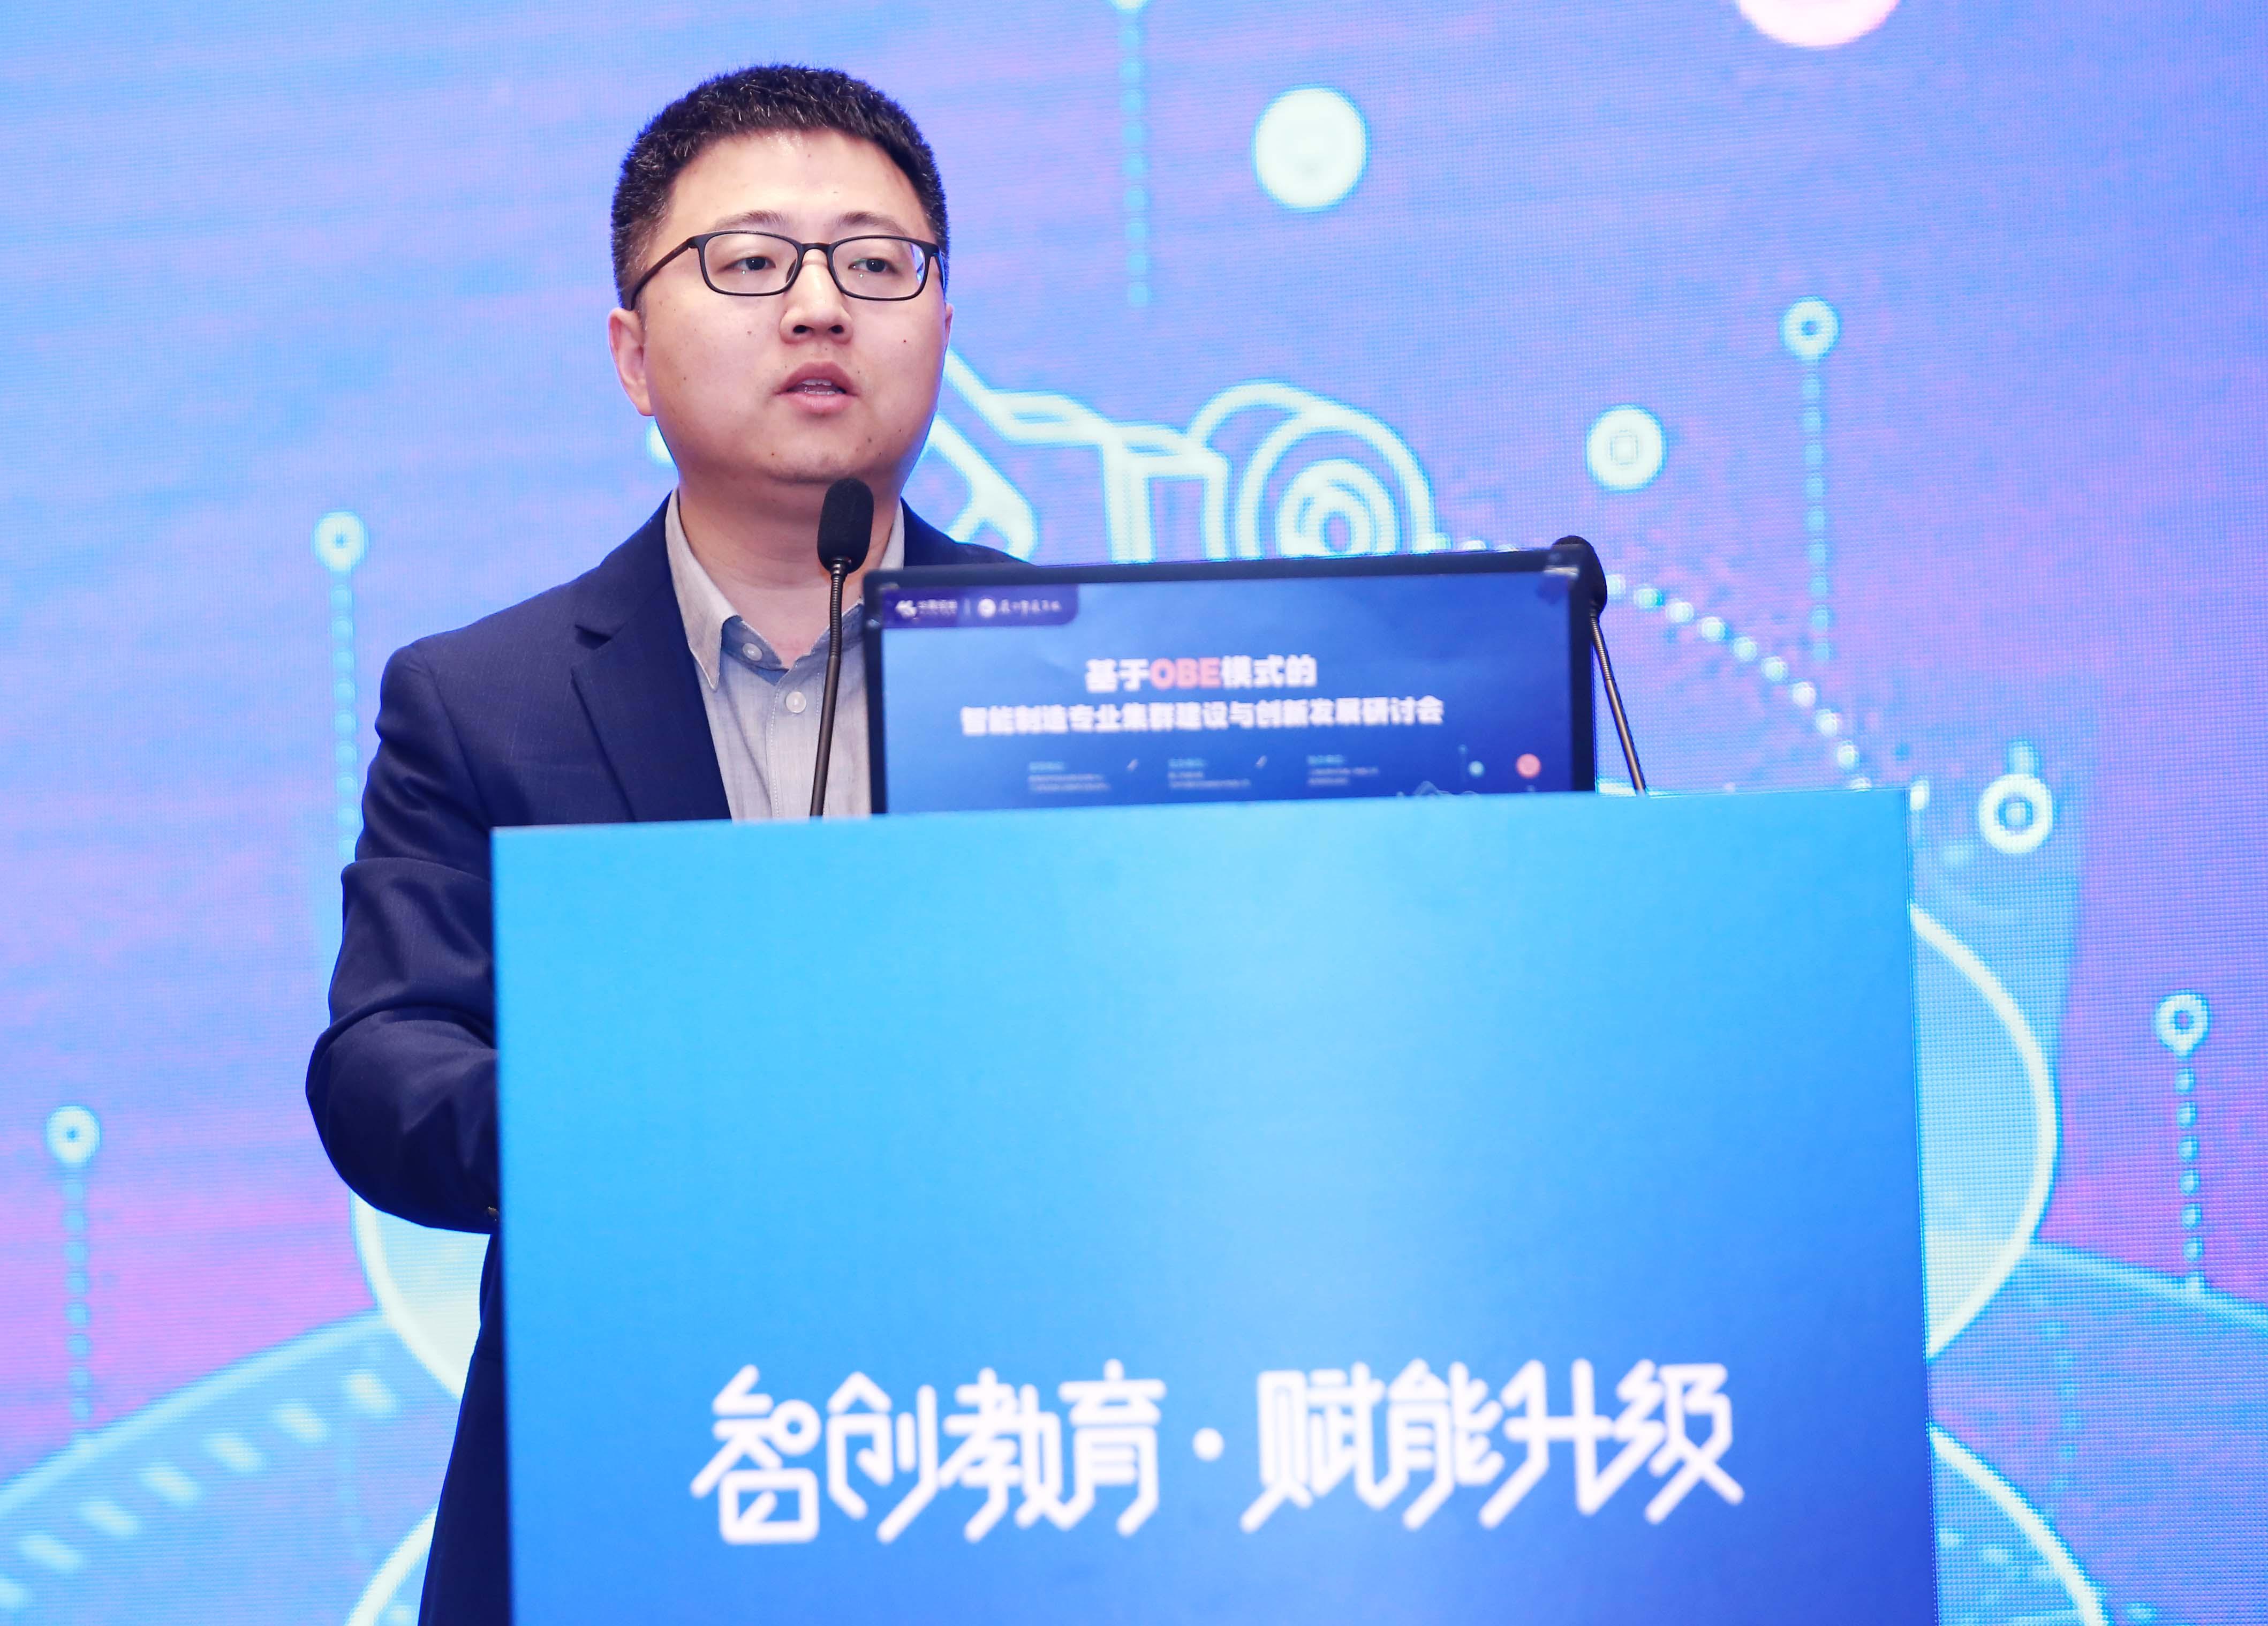 华晟会议|解锁华晟经世智能制造专业集群建设